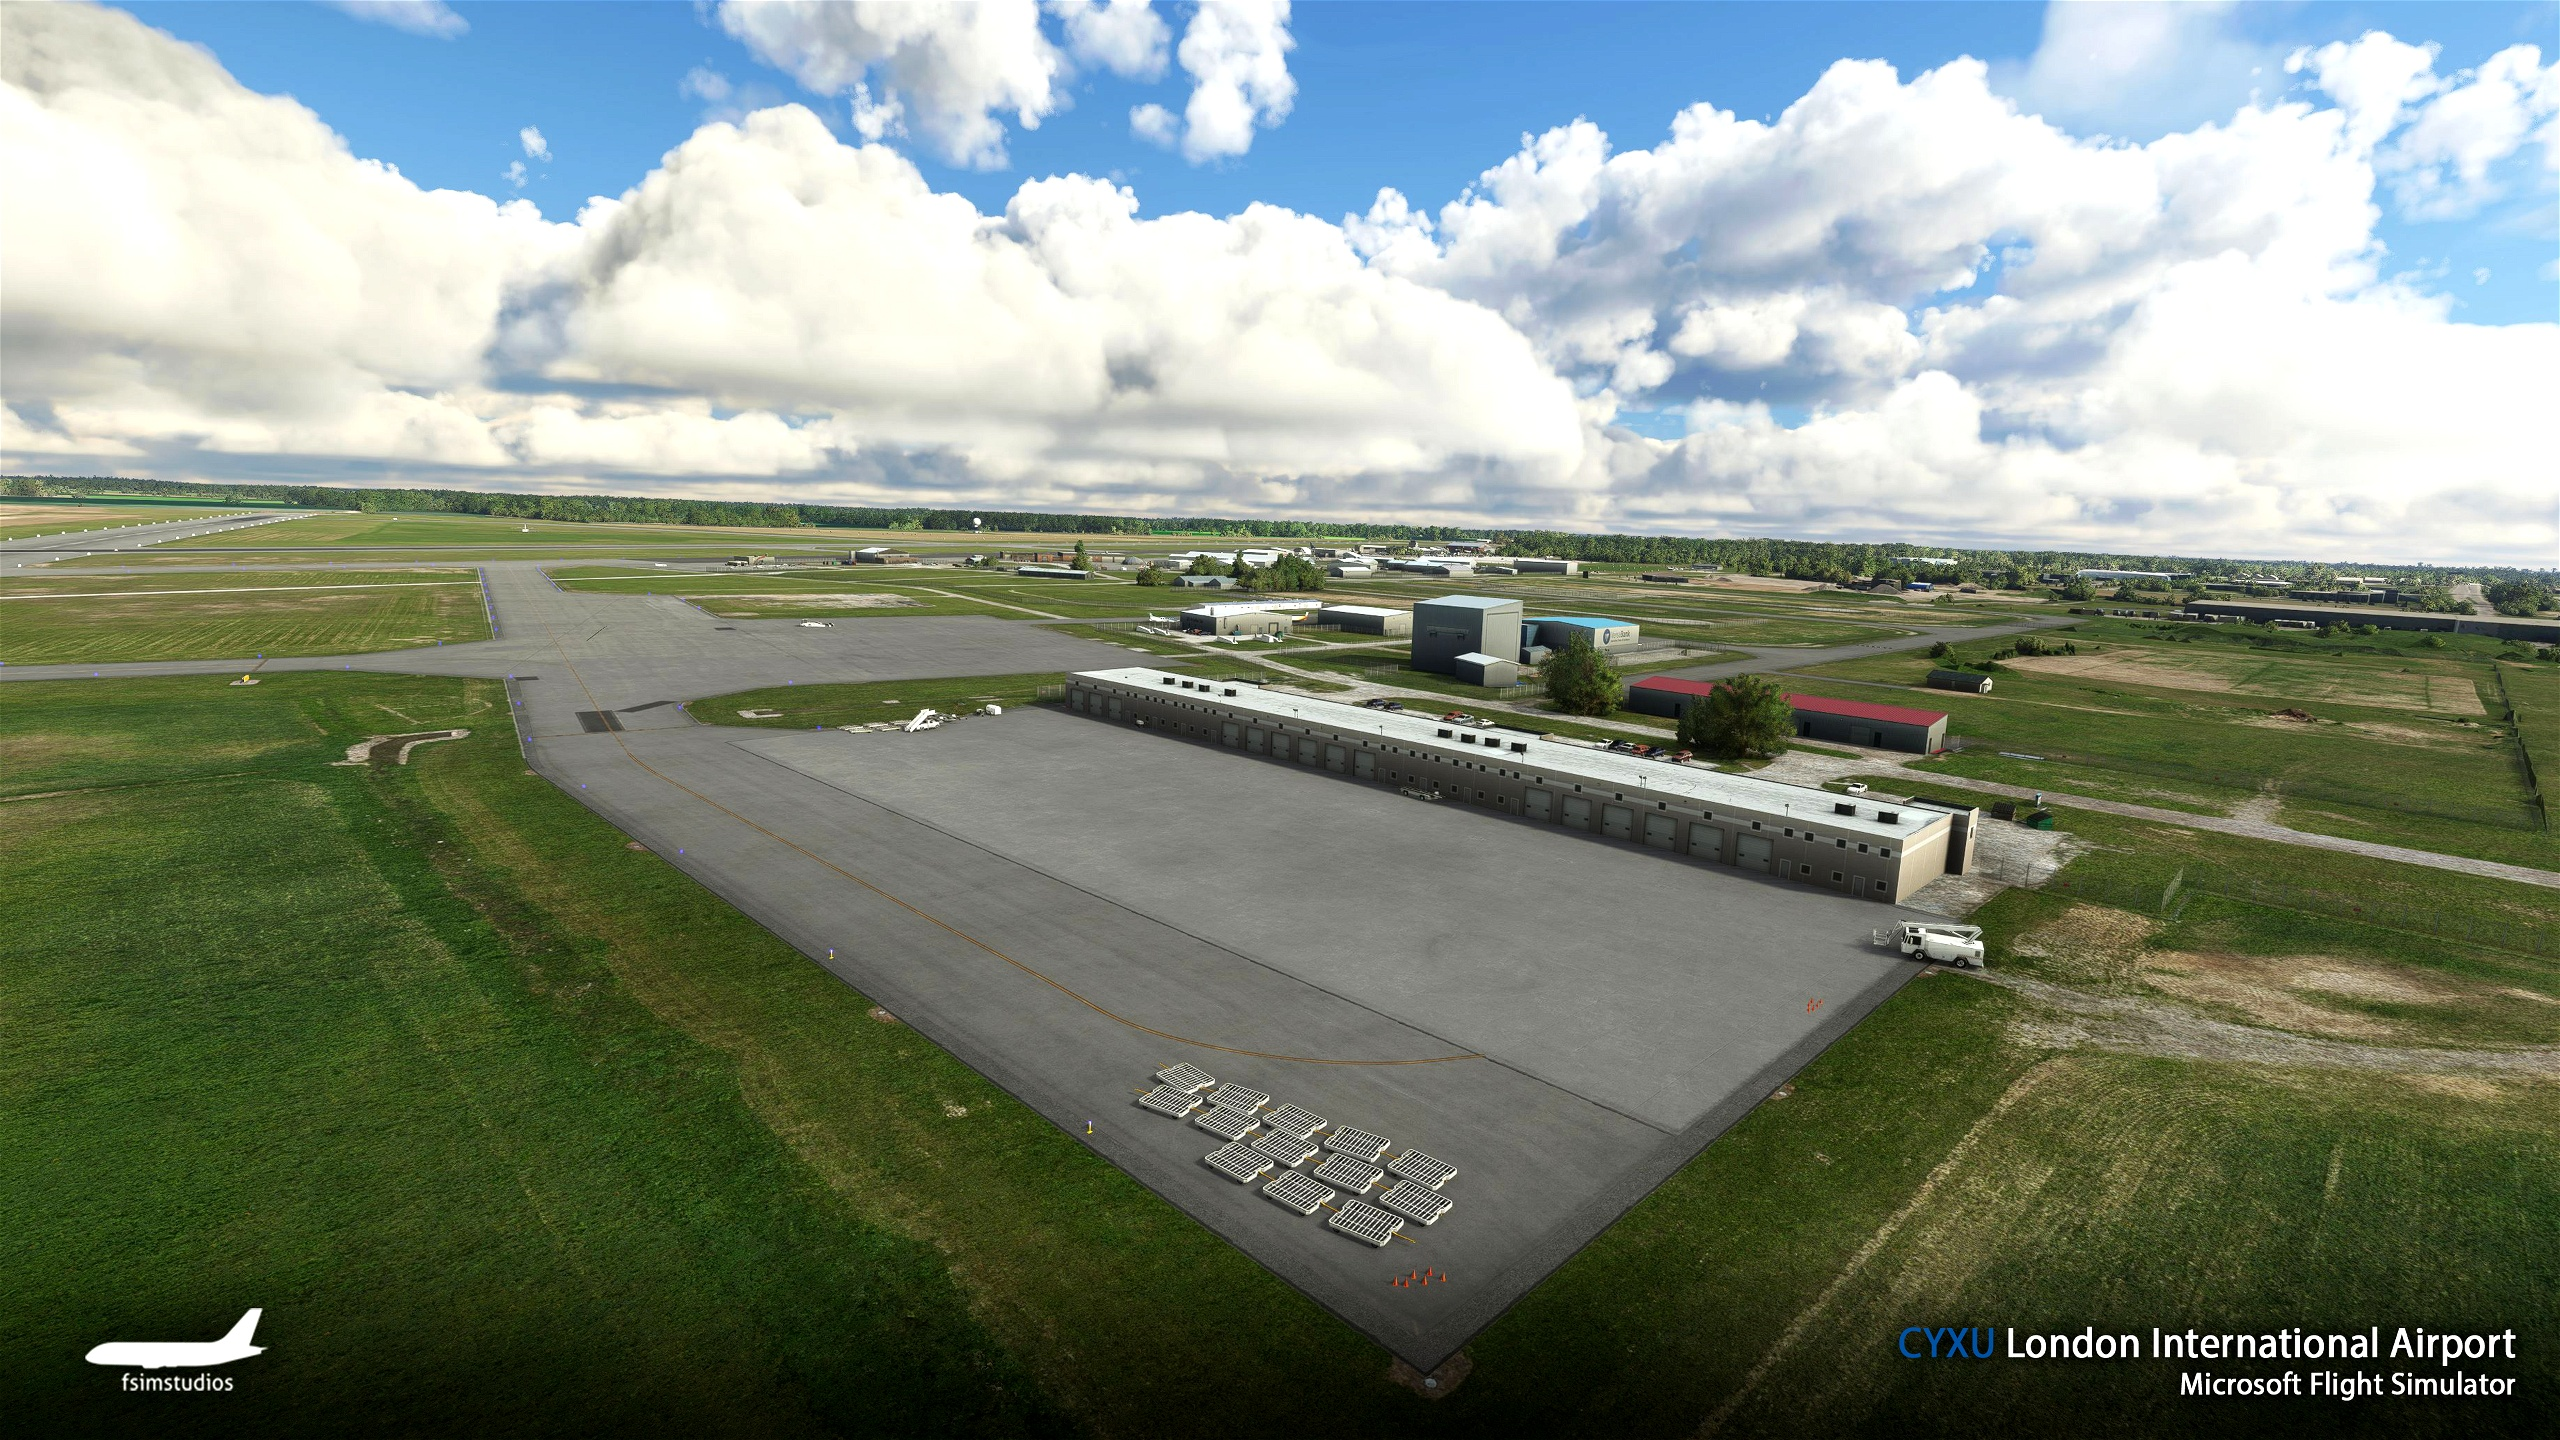 London International Airport CYXU